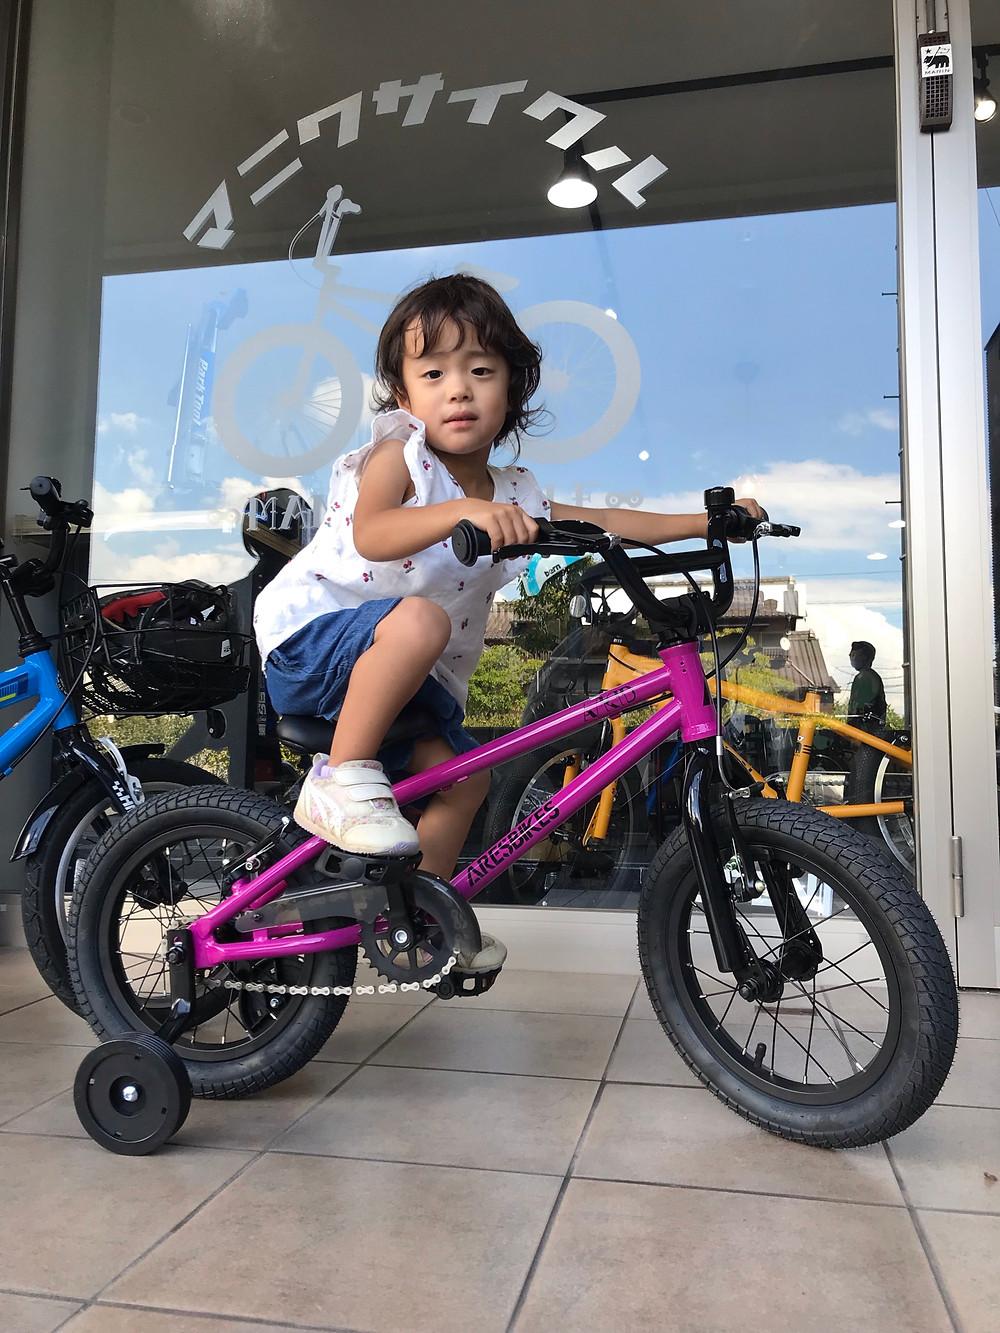 愛知県/知多半島/東海市/キッズバイク/ARESBIKES/A-KID/MANI輪サイクル/マニワサイクル/MANIWACYCLE